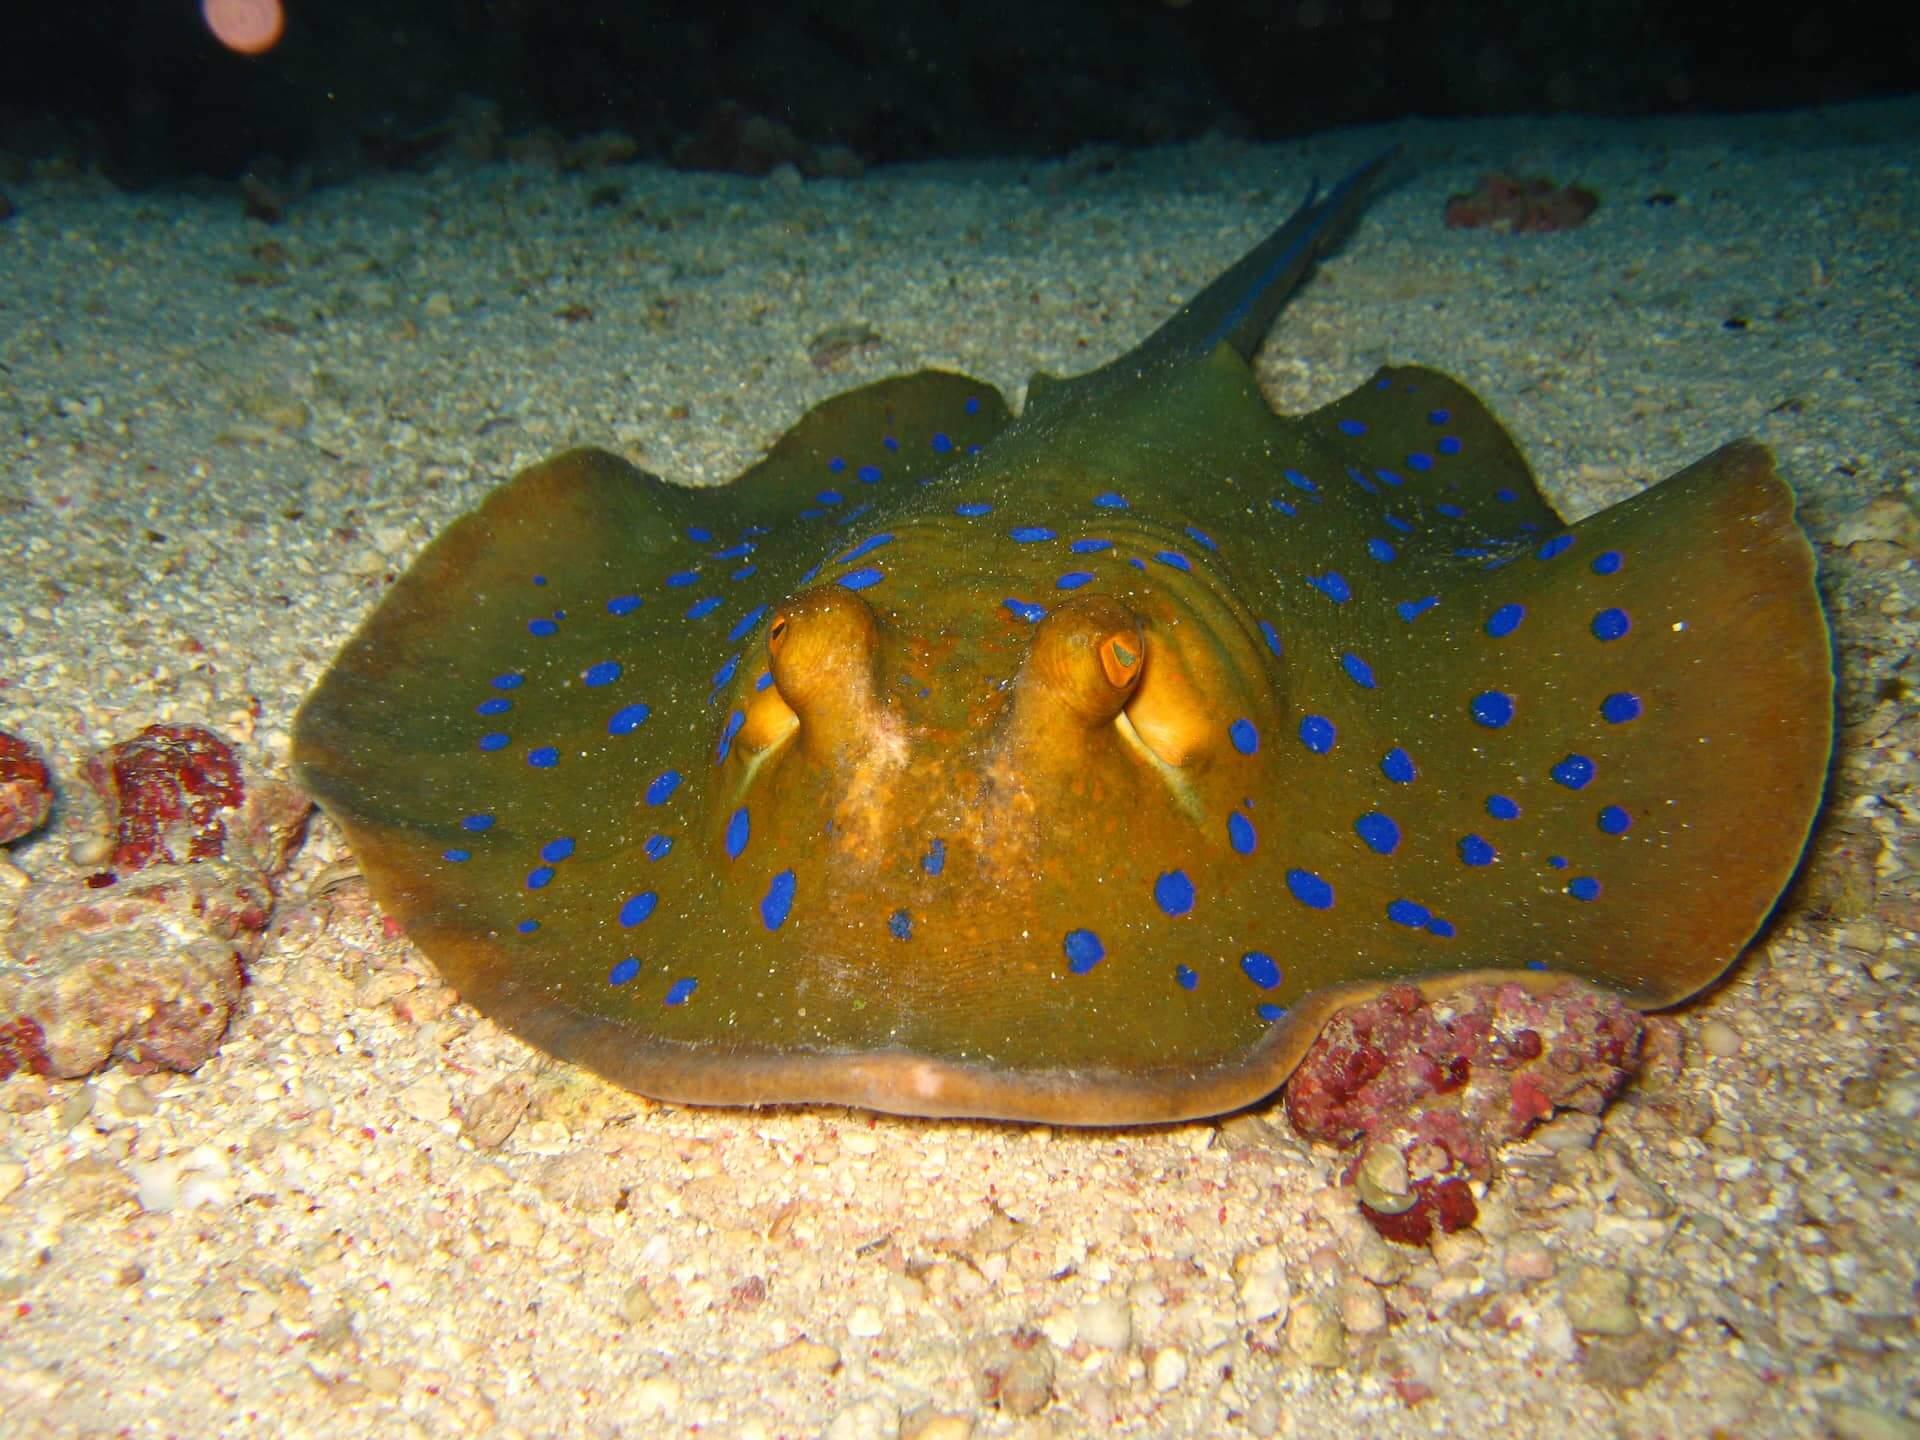 Egypt-REDSEA-Hurghada-DivePro-Academy-Scuba-Diving-Center-Stingray